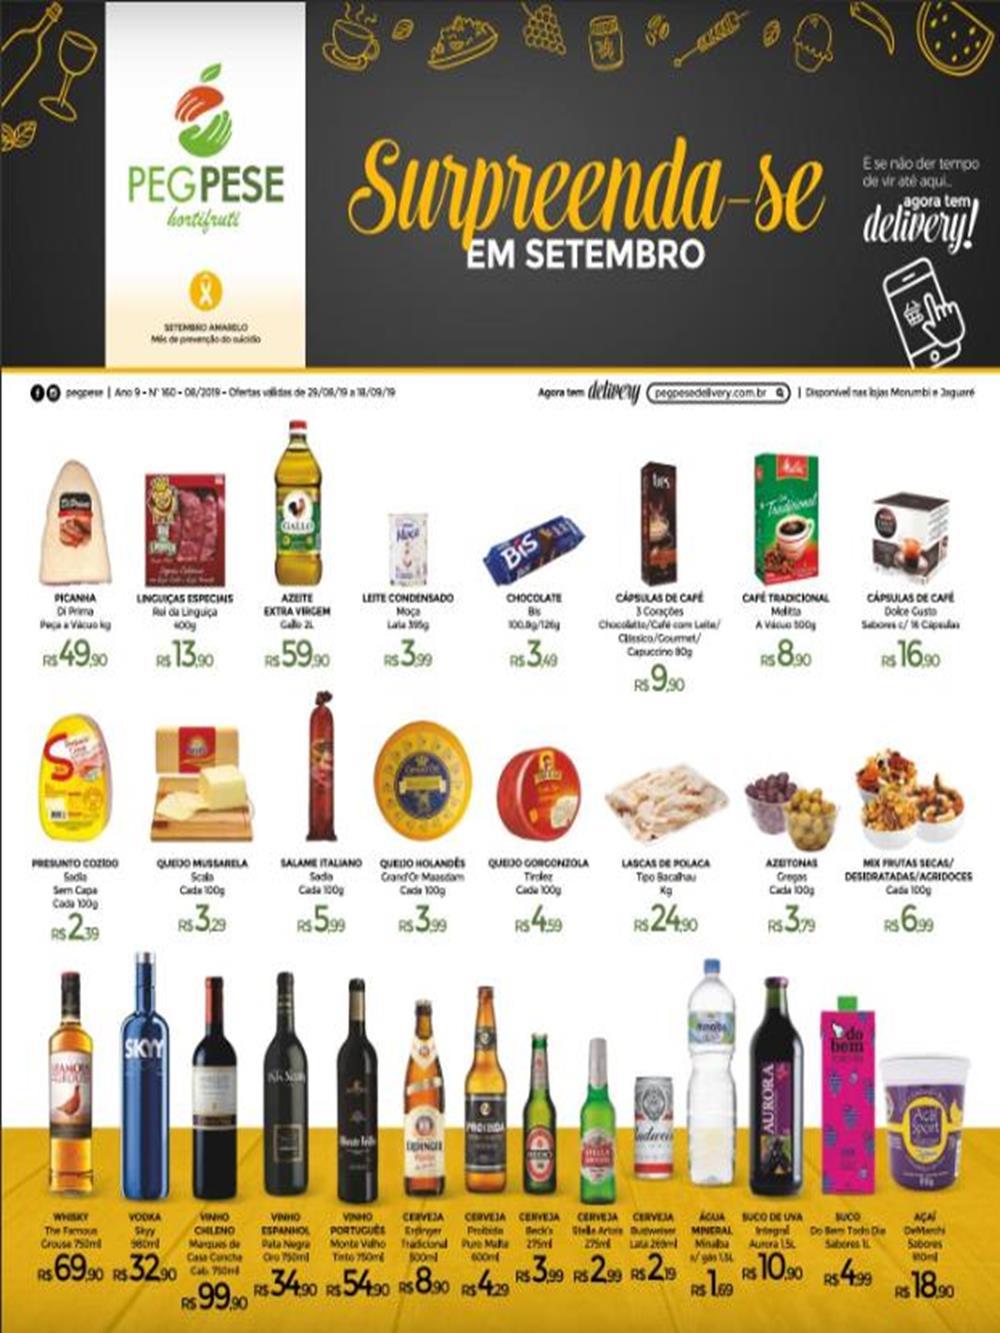 Ofertas-pegpese1-1 Supermercados